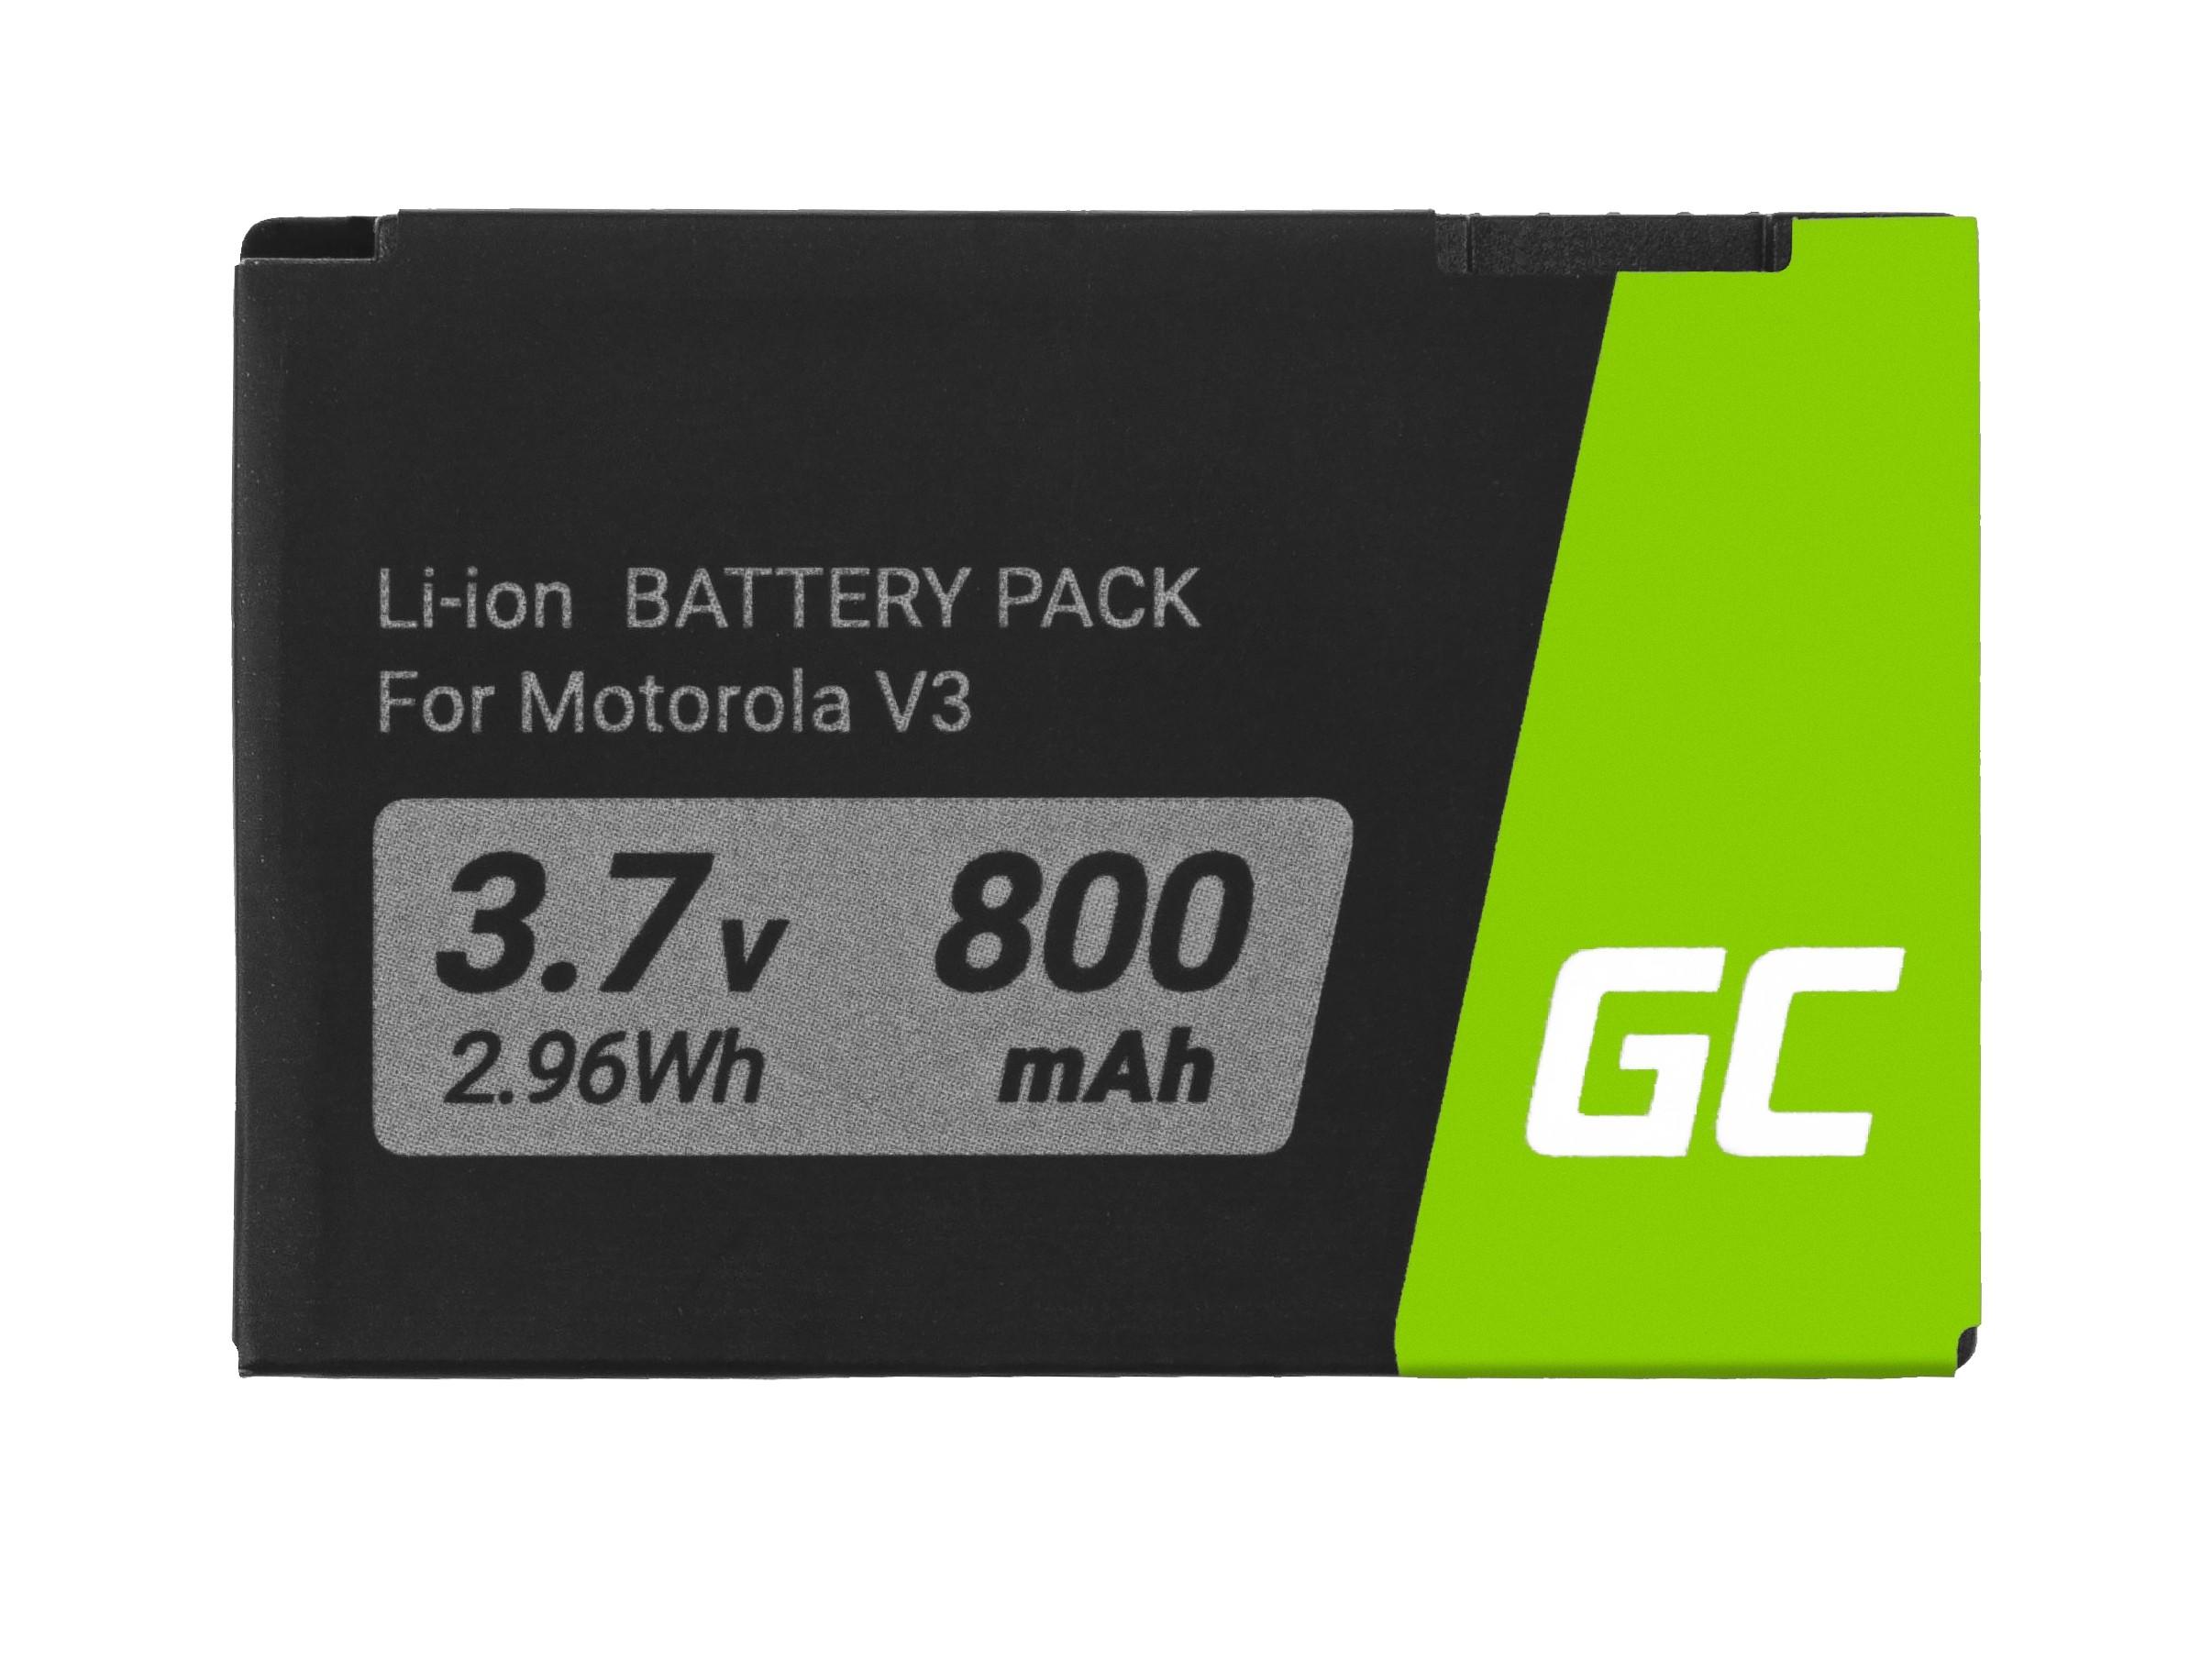 Batteri BR50 för Motorola V3 / Razr V3